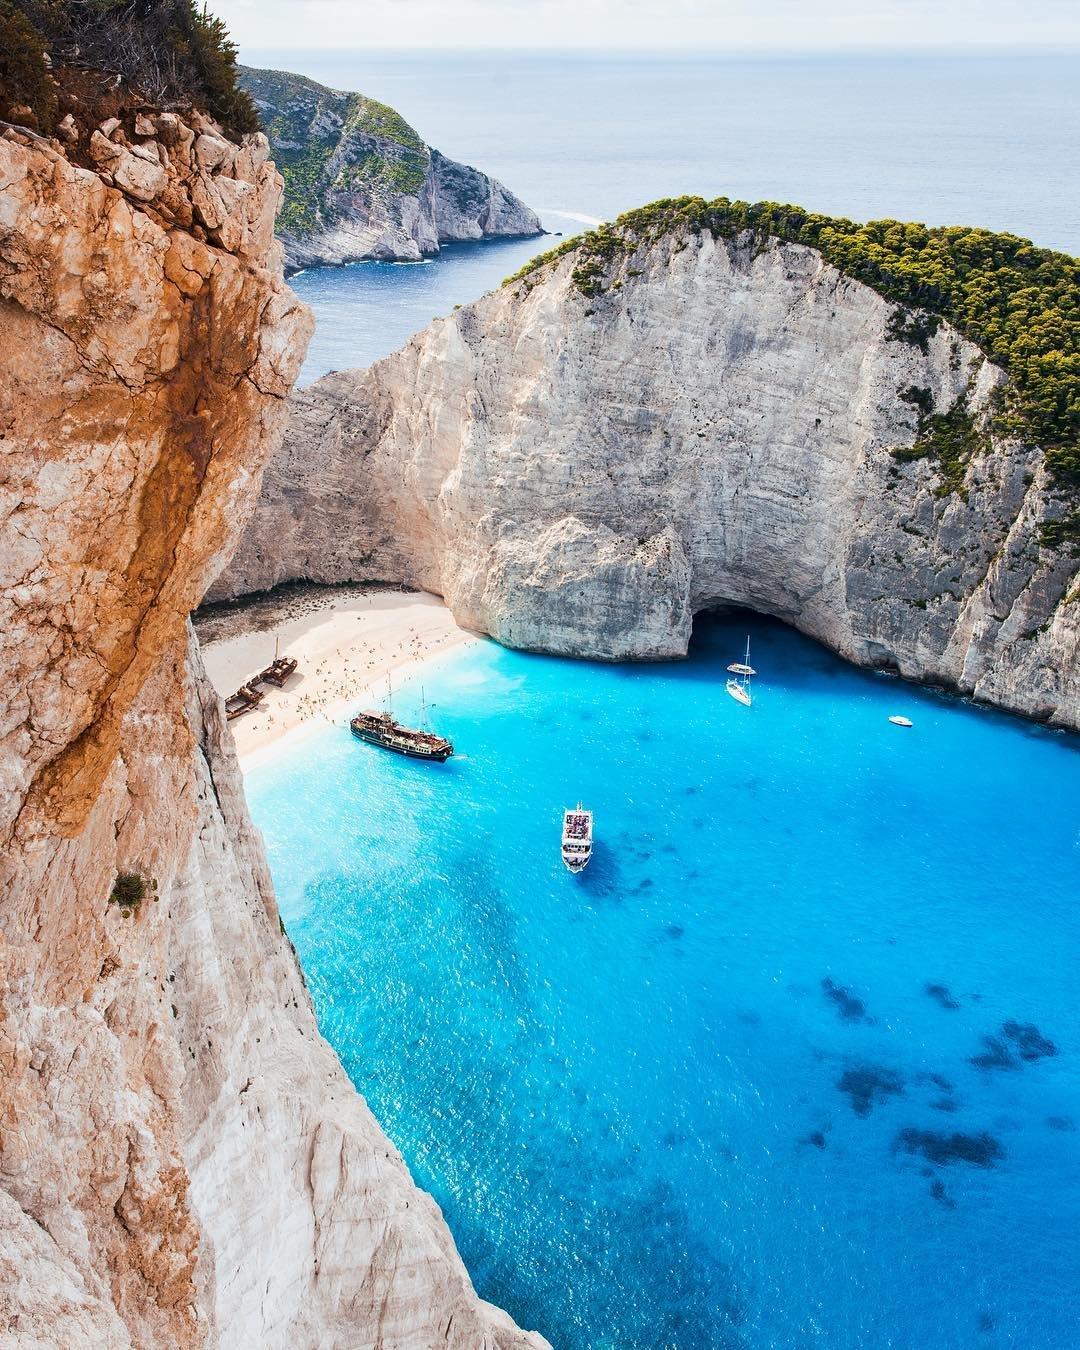 kerstin_wirz_worlds most remote beaches_modern getaways.jpg